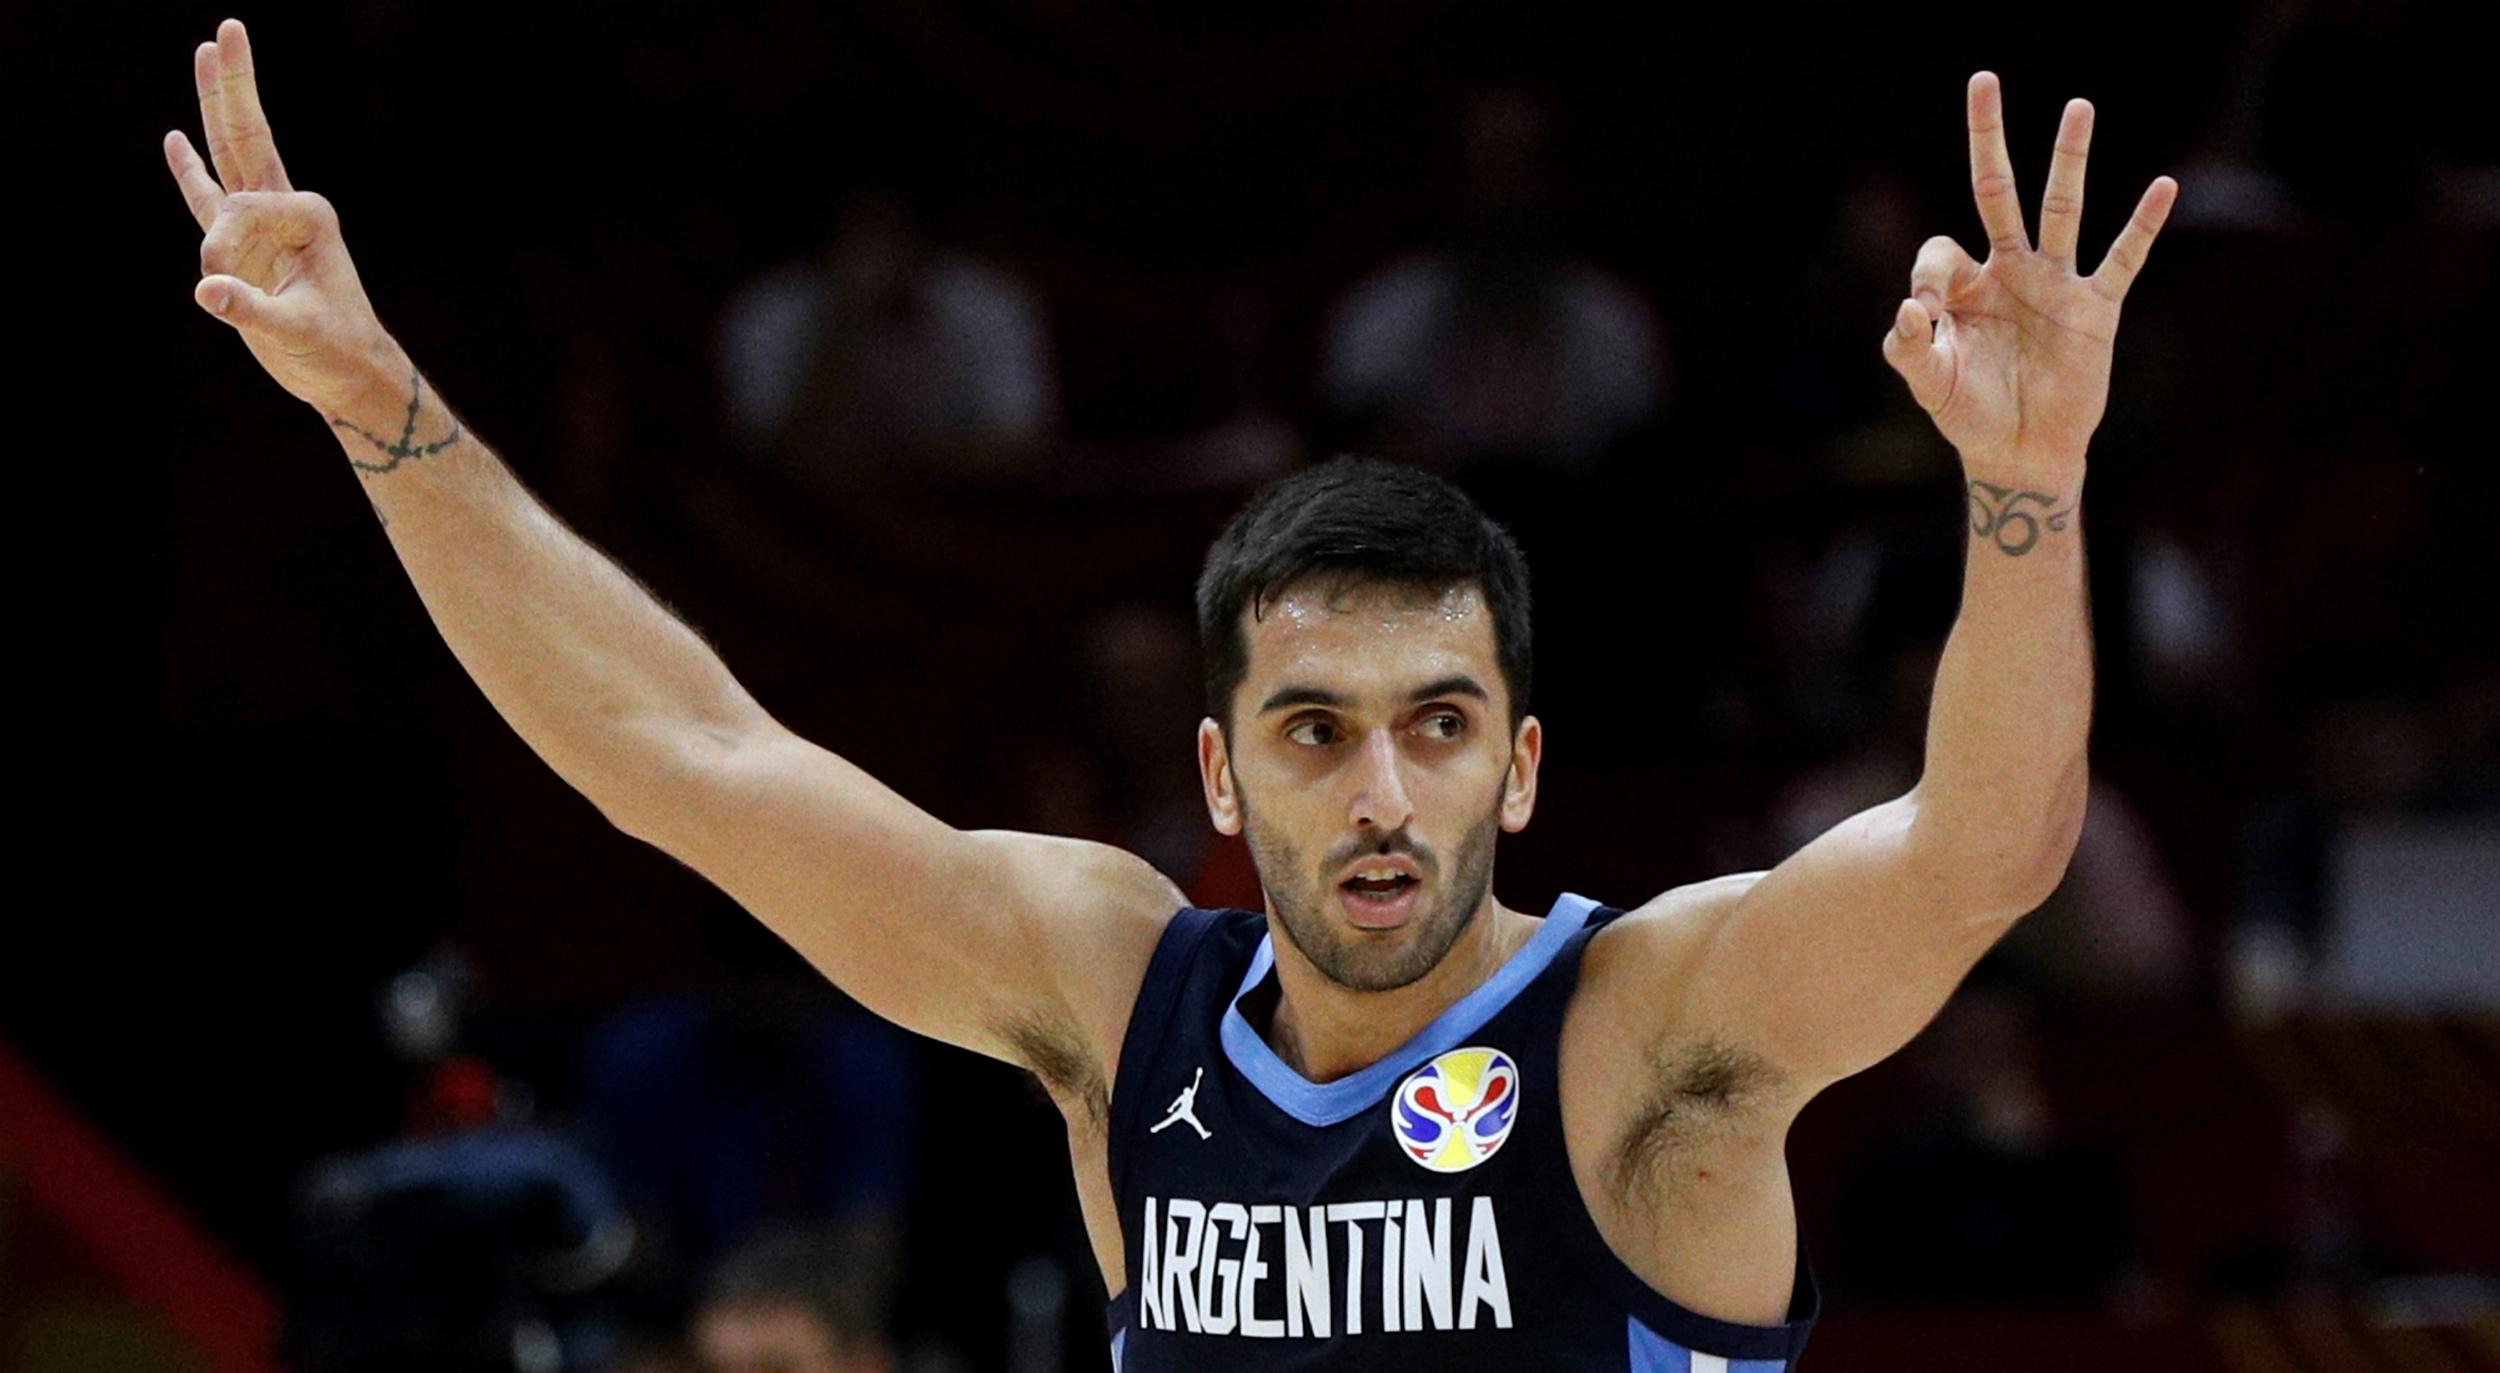 Cómo sigue la vida de los jugadores de Argentina tras la conquista de la plata en el Mundial de China 2019